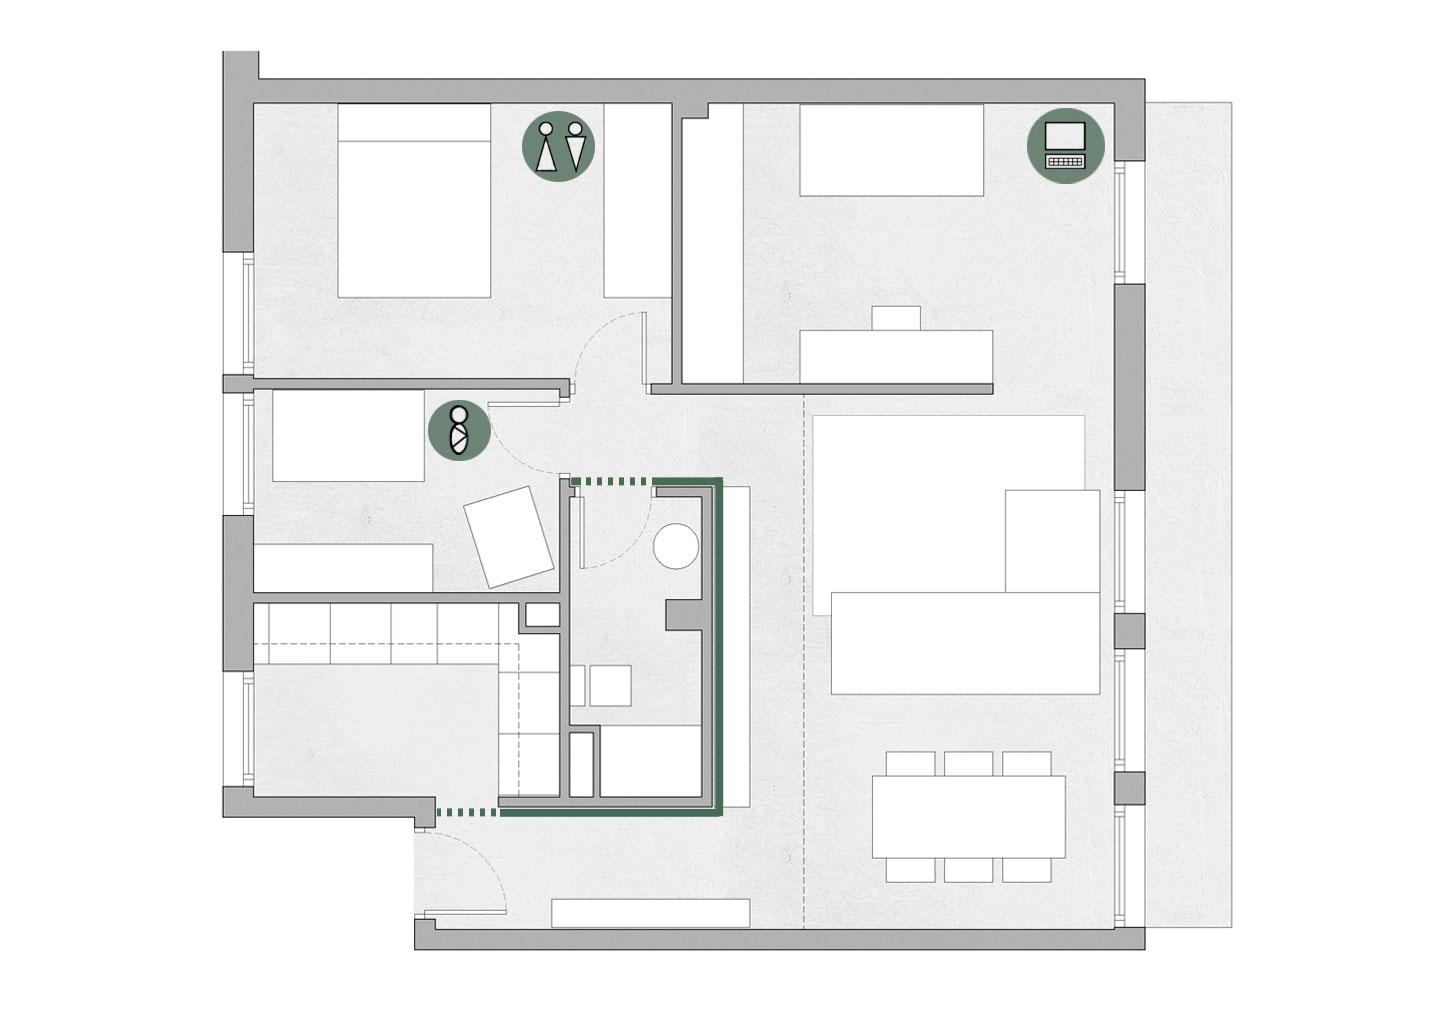 etxe erreforma planoa familia gasteiz arkitektoa